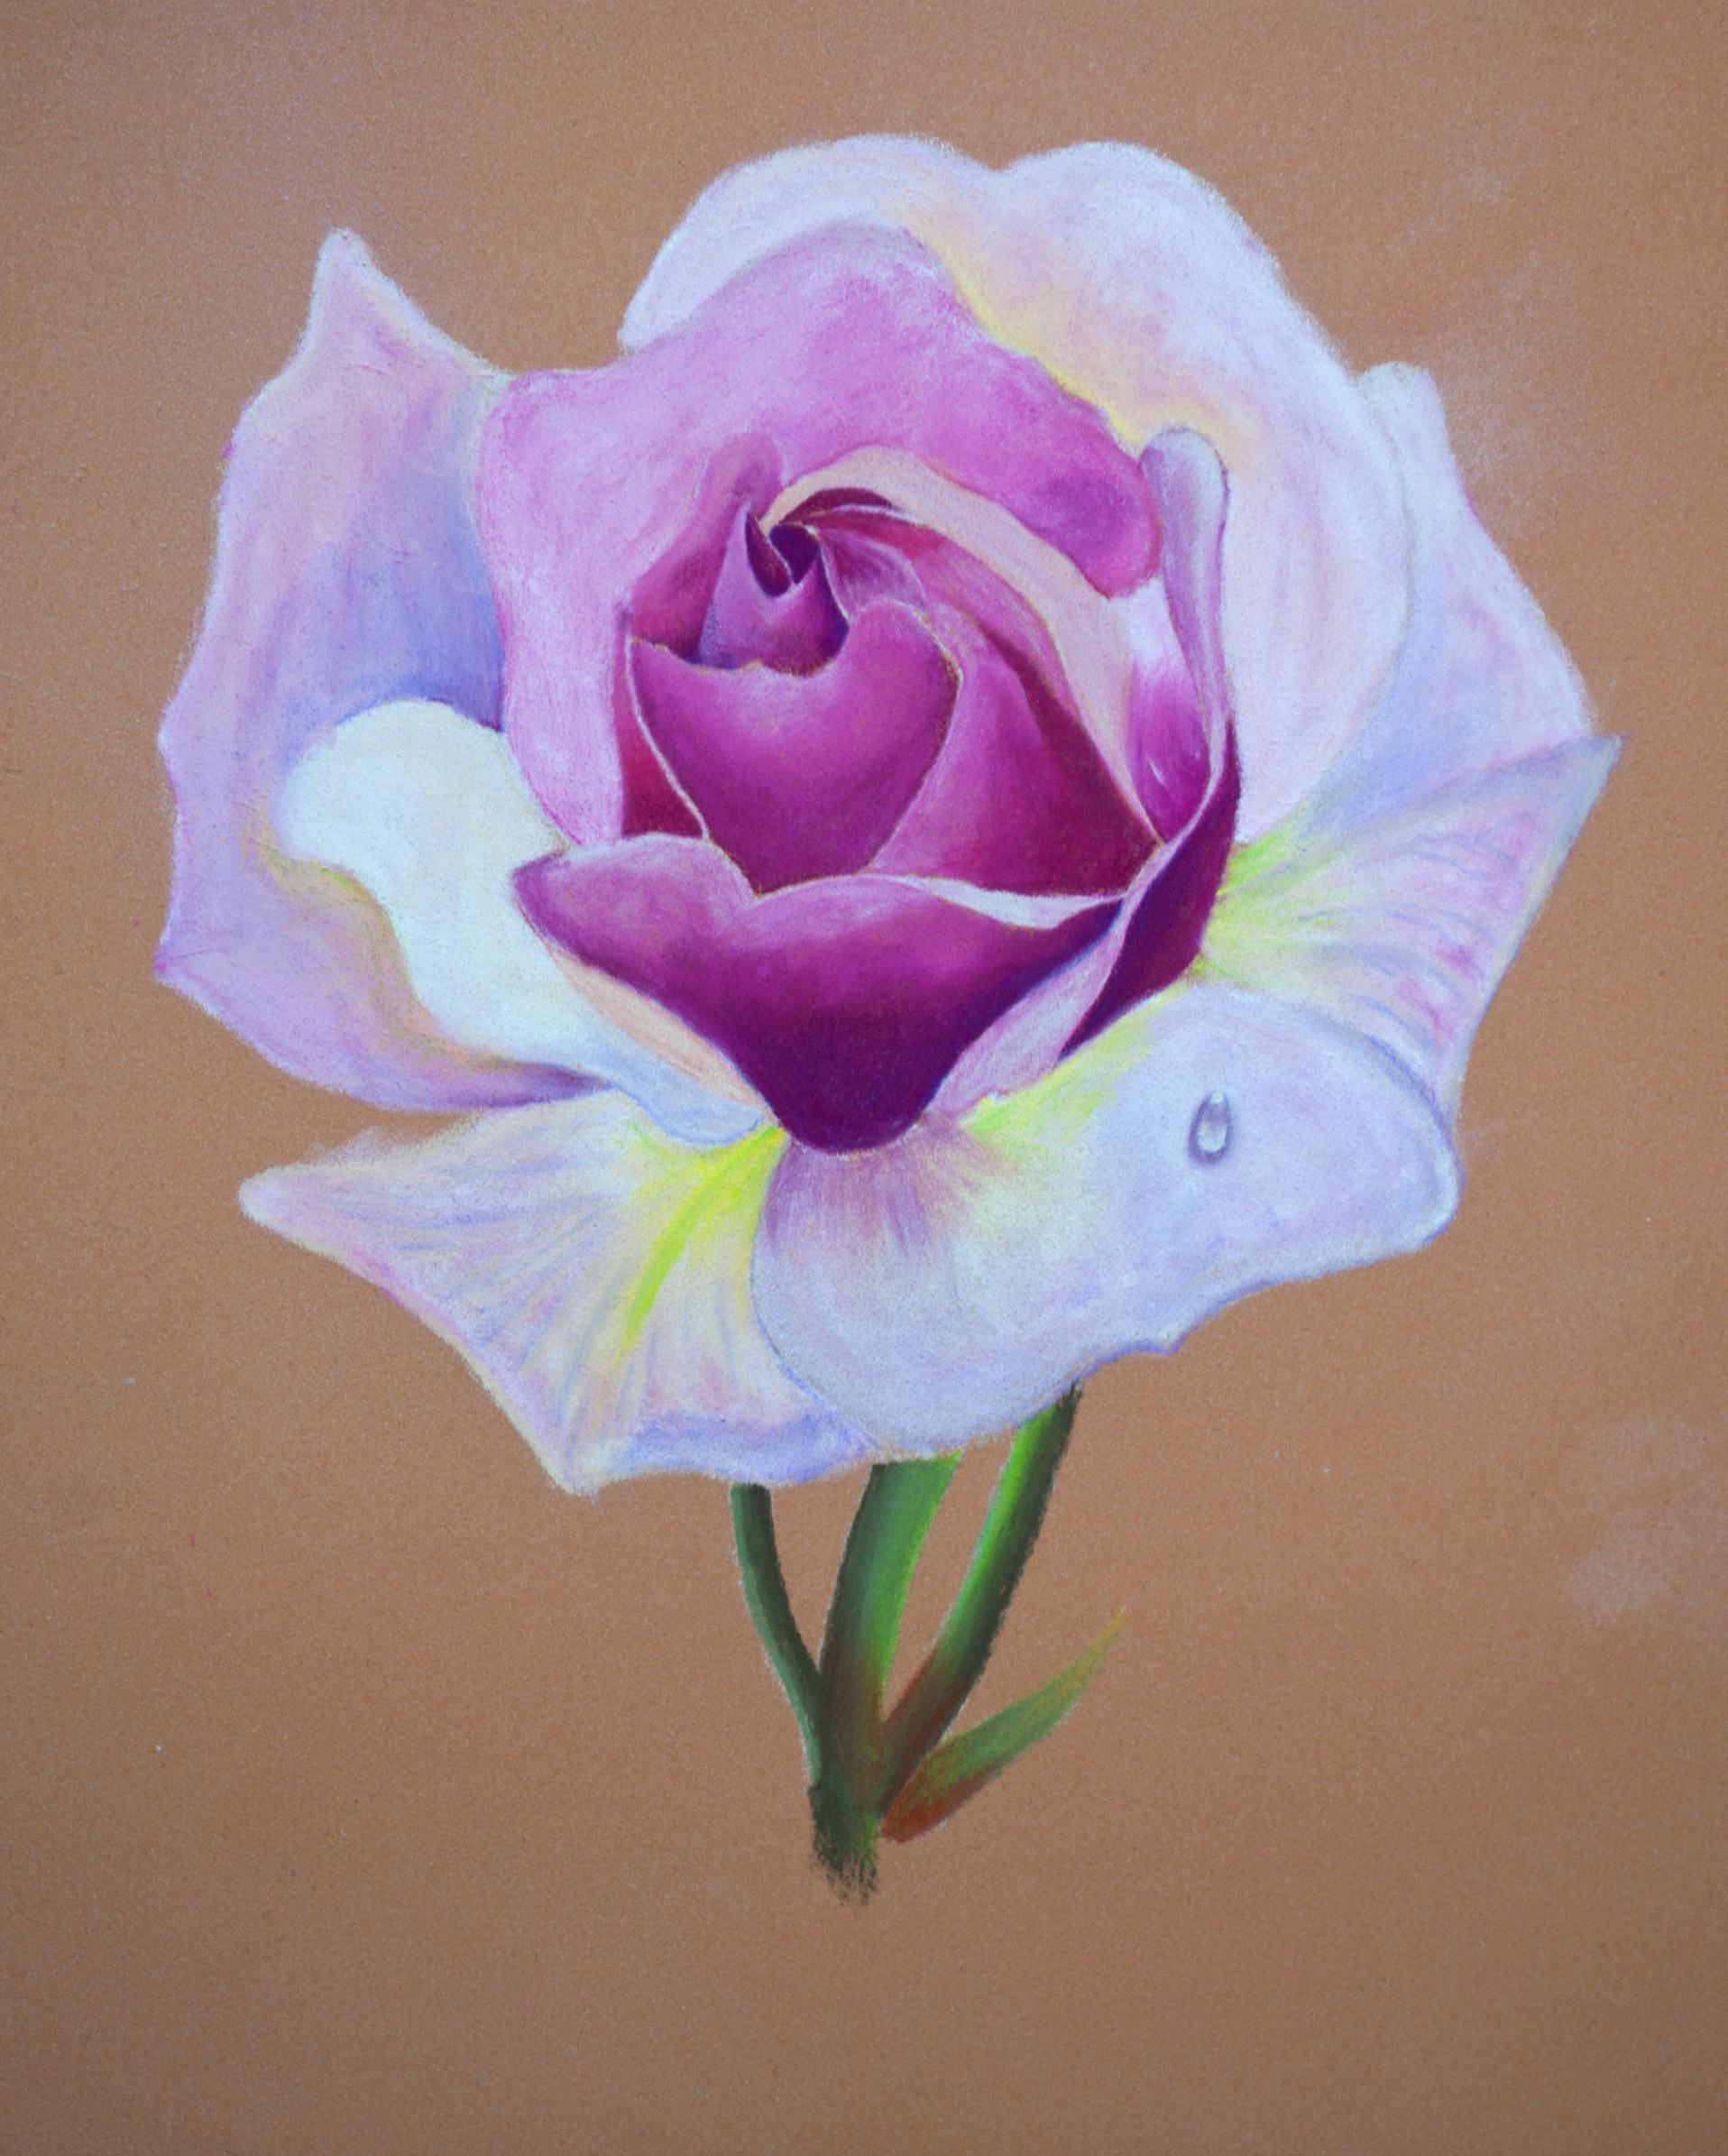 kohinorr pastel flower 5.jpg